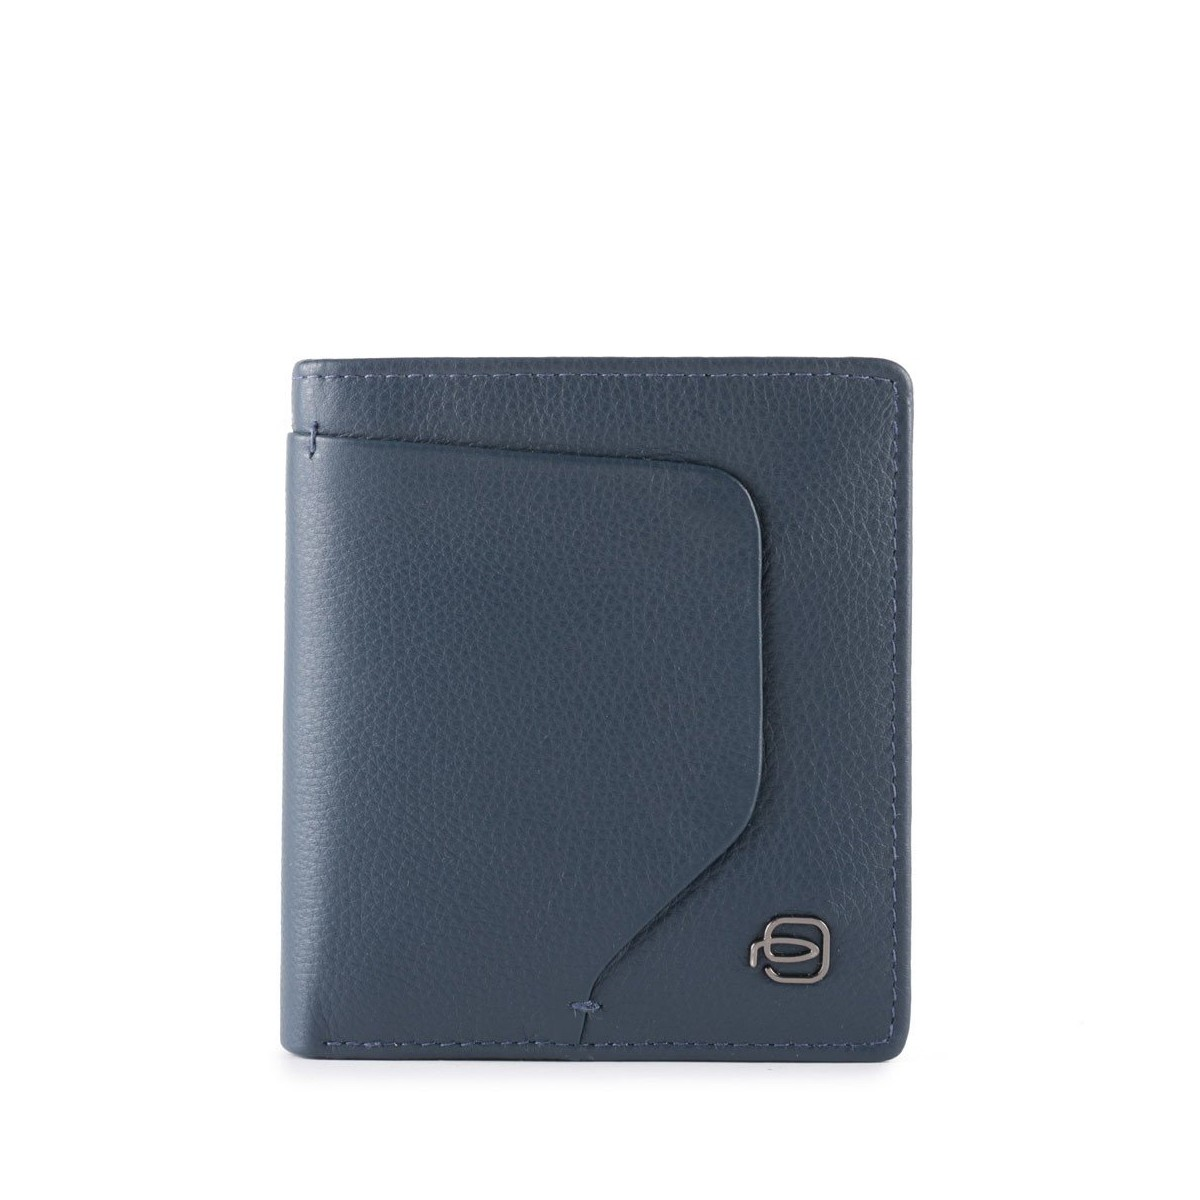 PIQUADRO Akron portafogli uomo compatto 9 cc, pelle blu